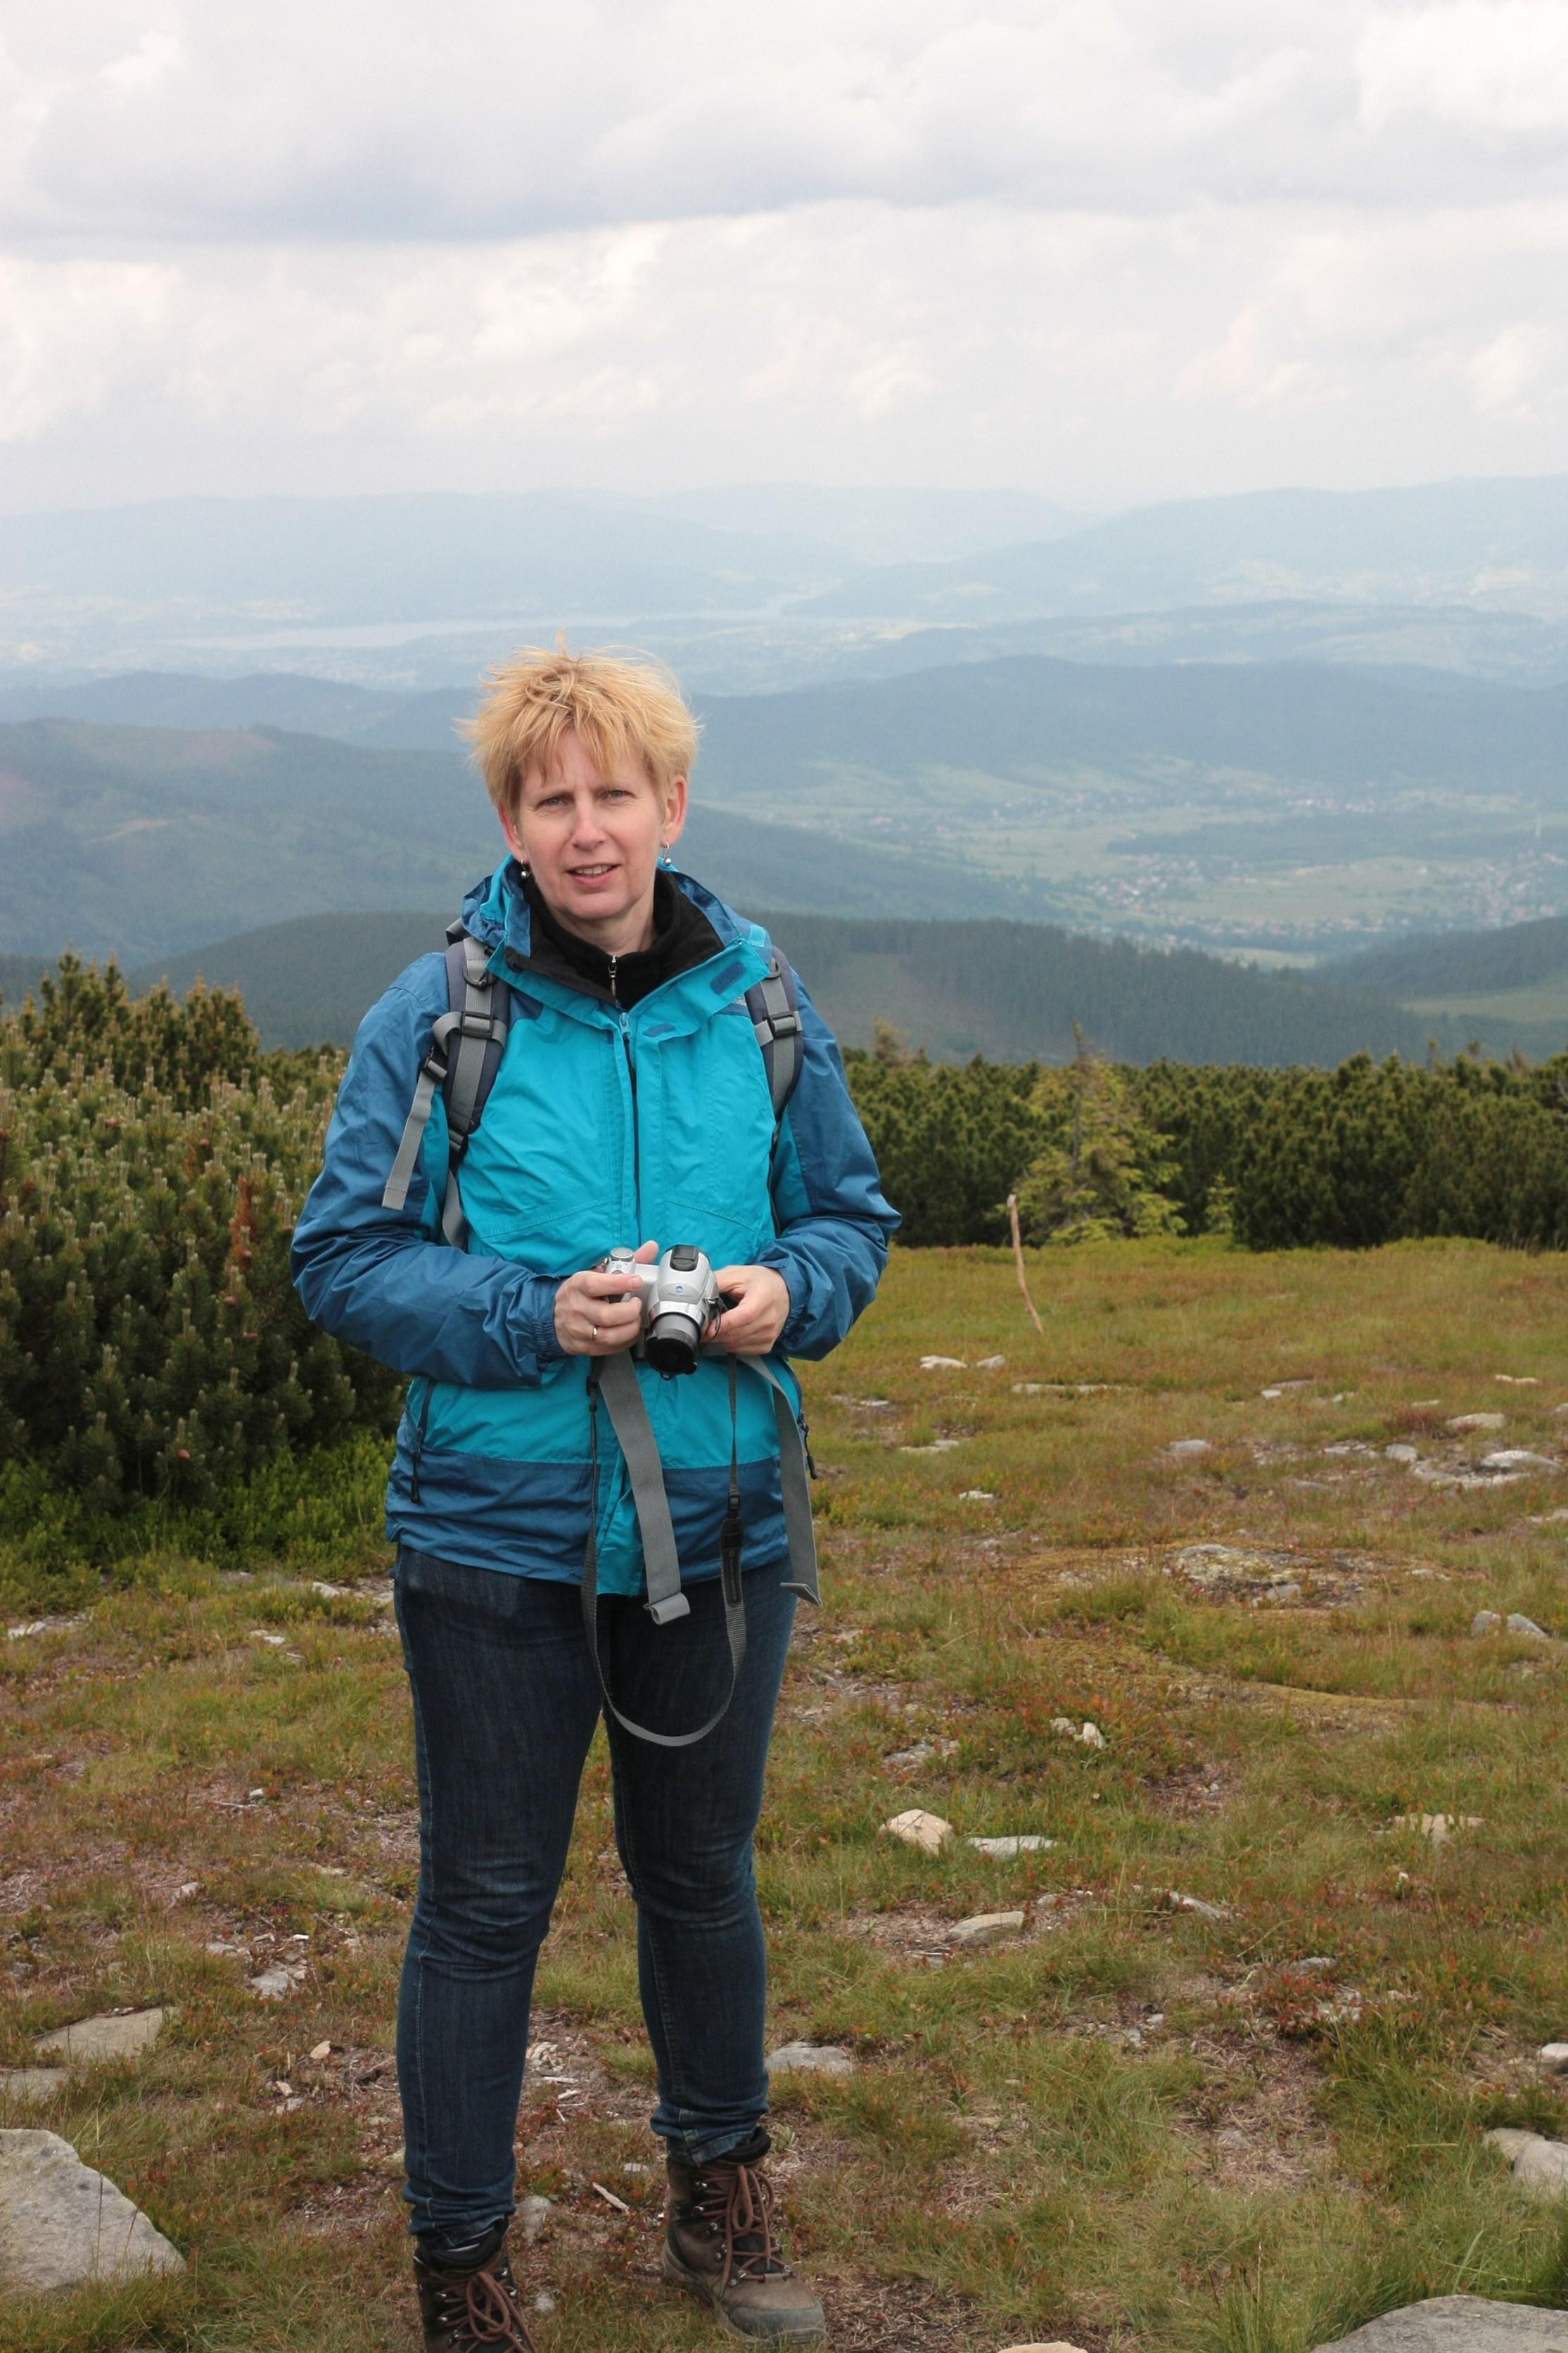 Marzena Ciesielka (Sobich), Przewodnik 126